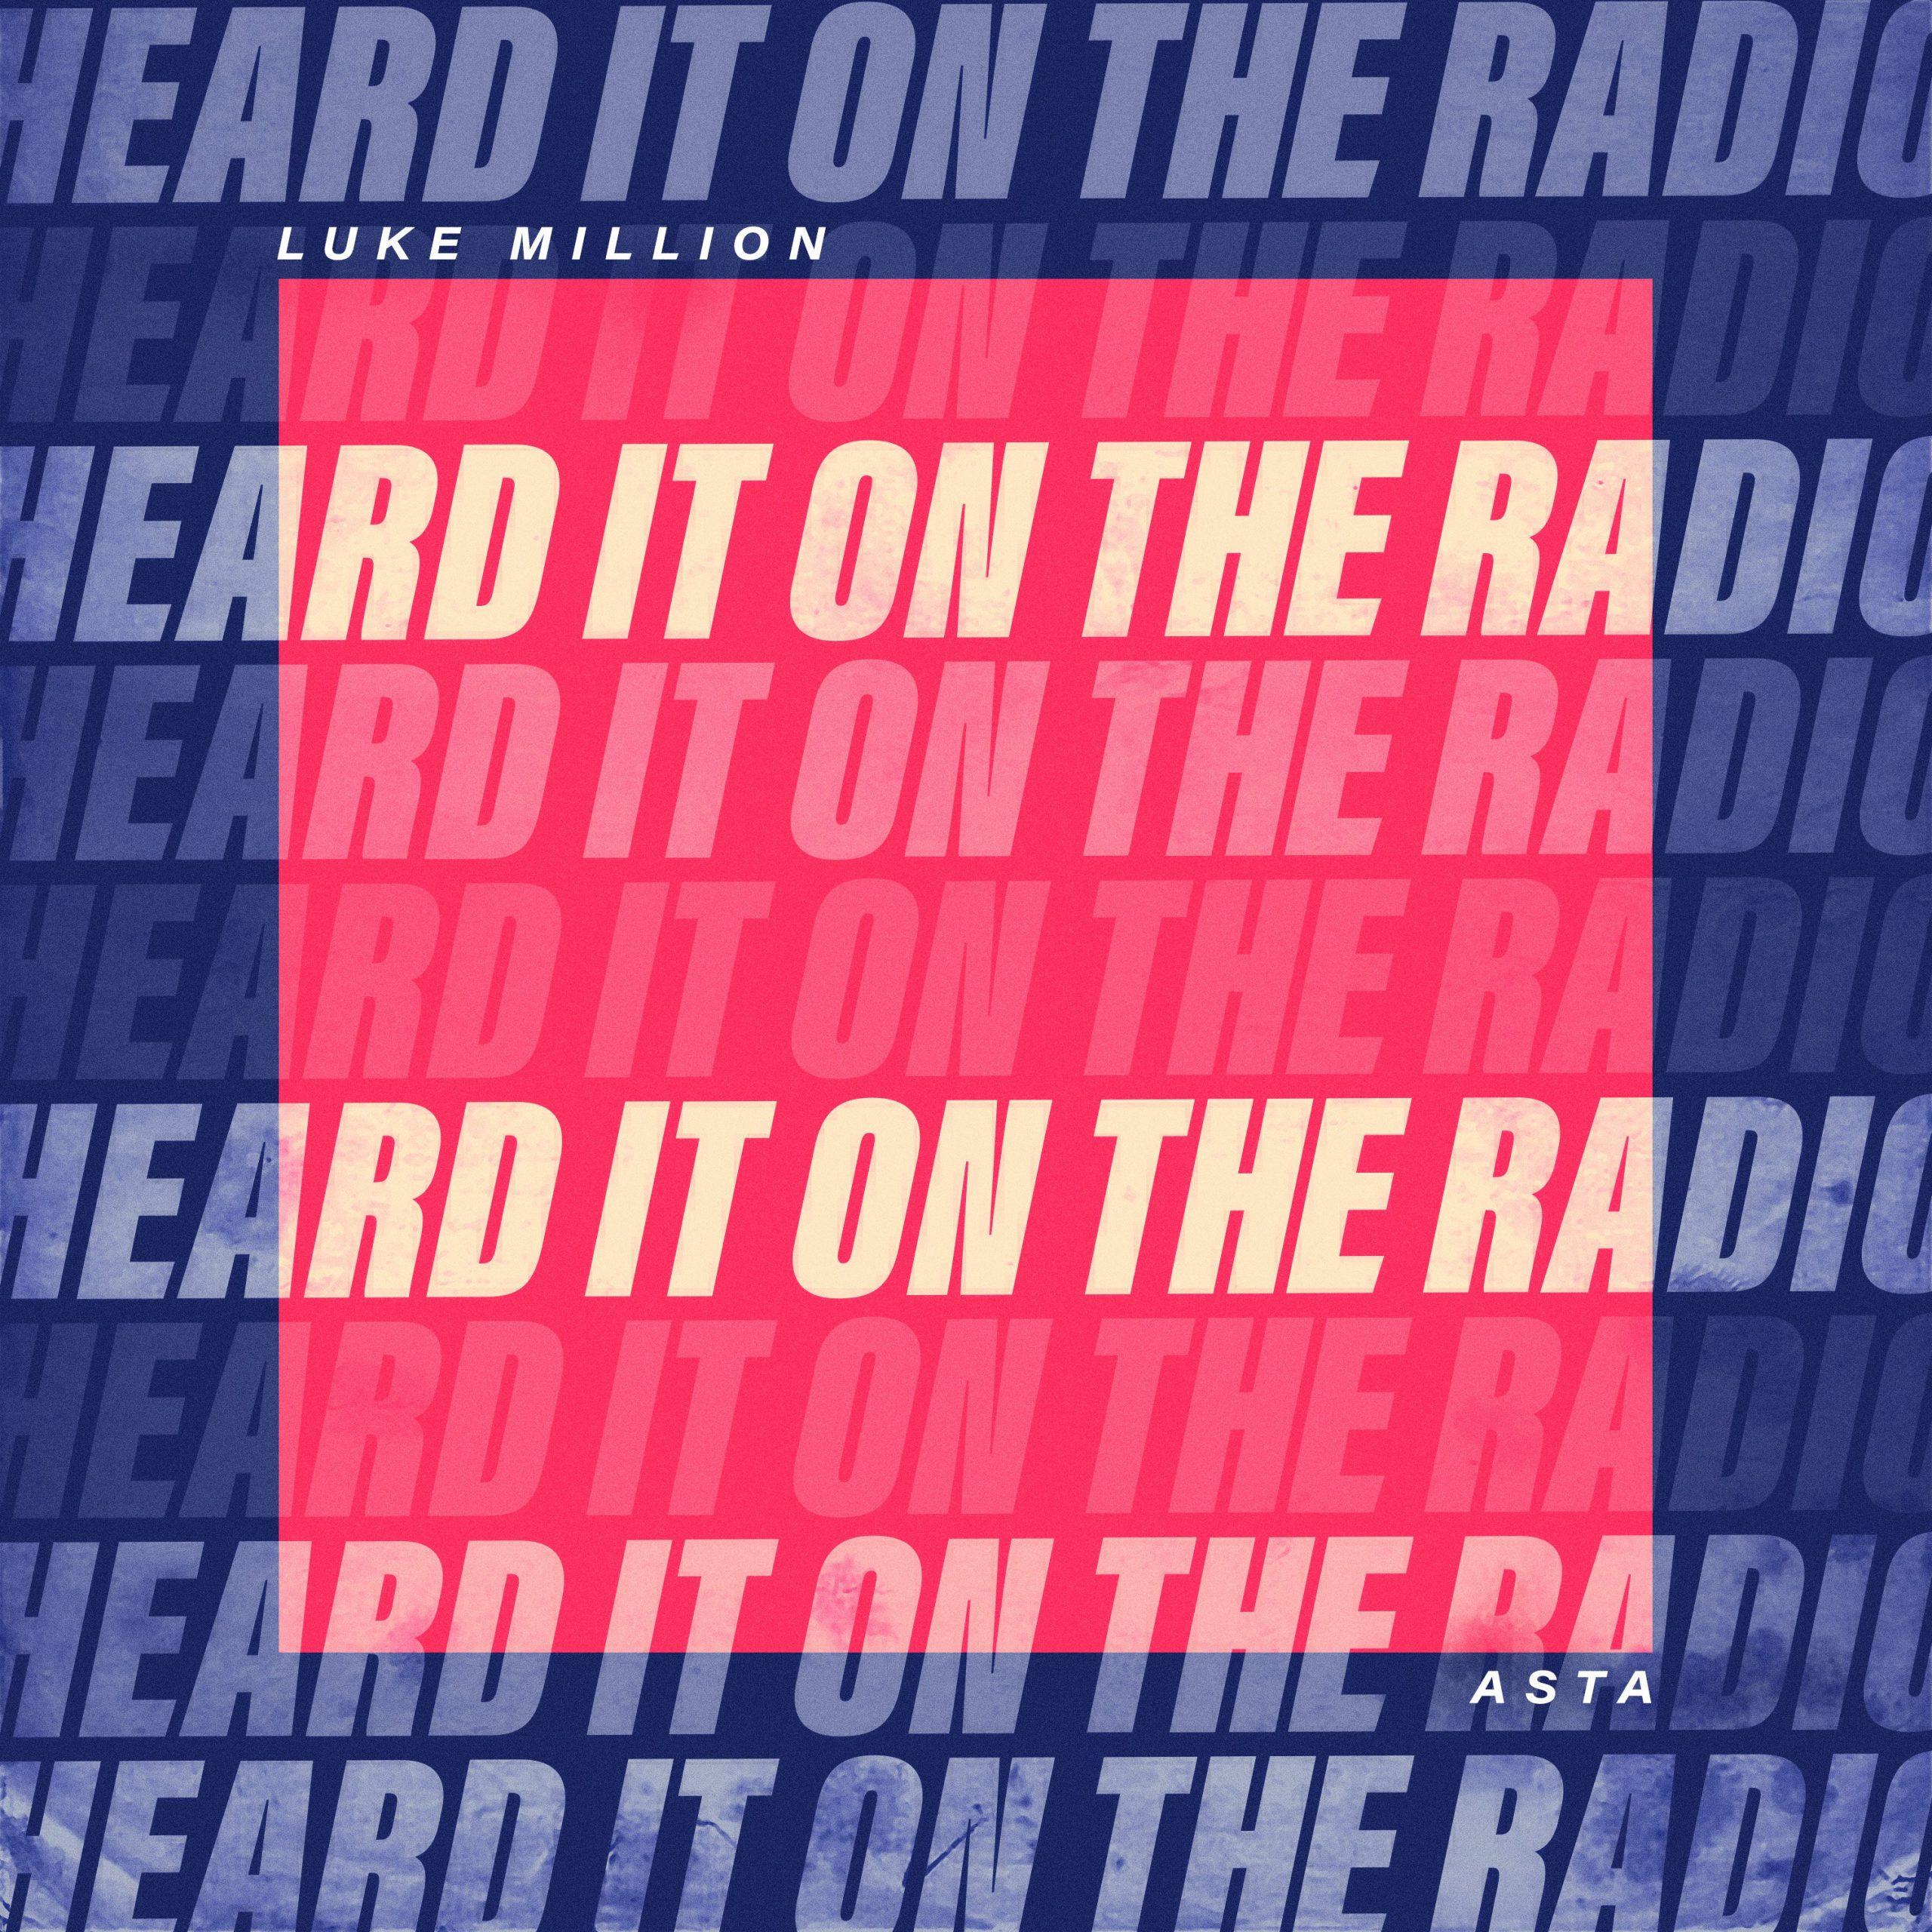 Luke Million featuring Asta – Heard It On The Radio